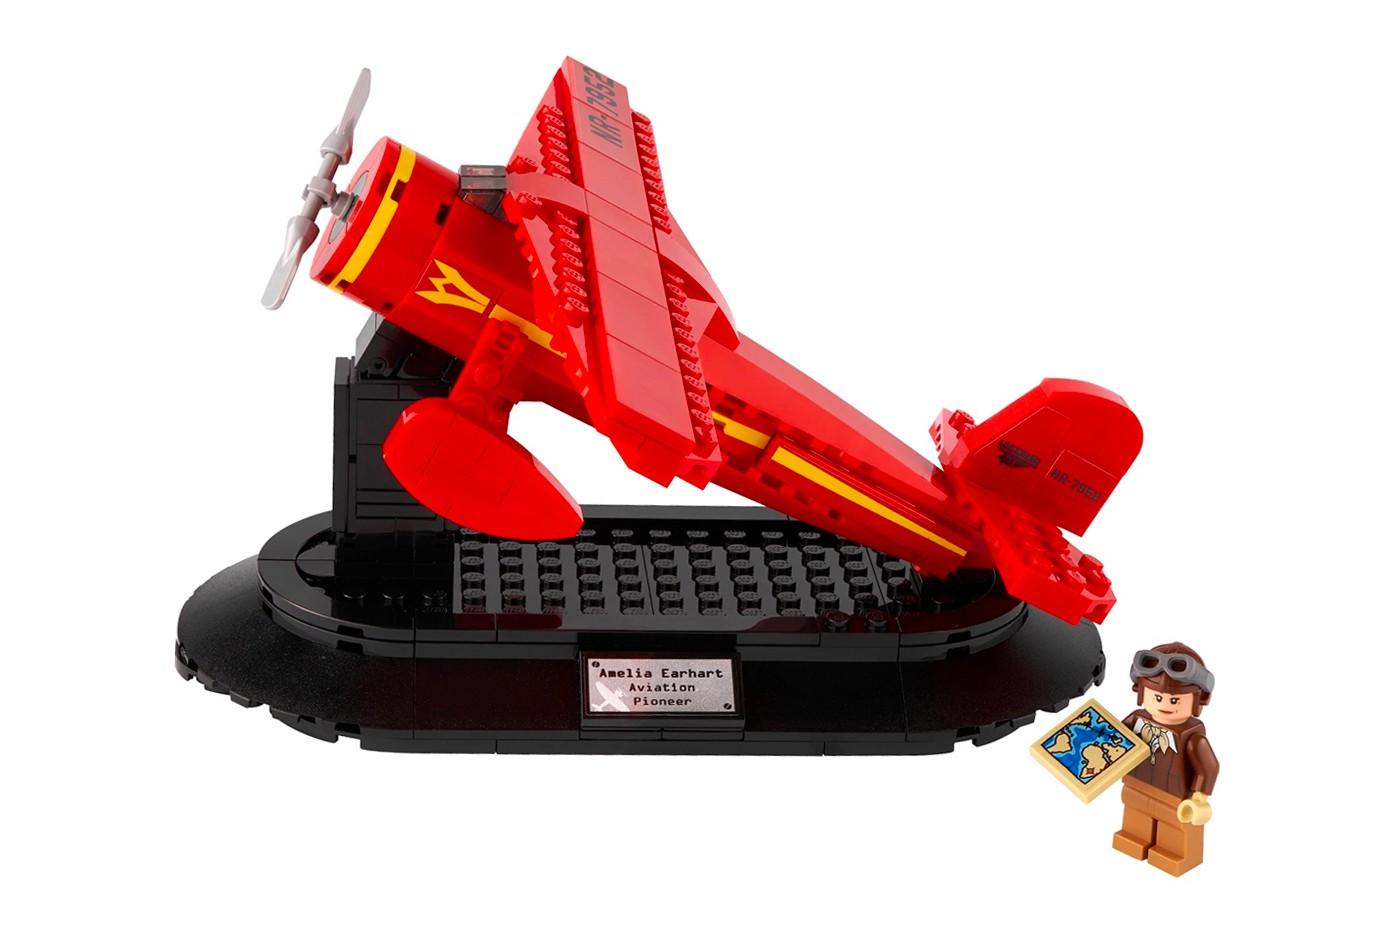 LEGO выпустит конструктор, приуроченный к Международному женскому дню